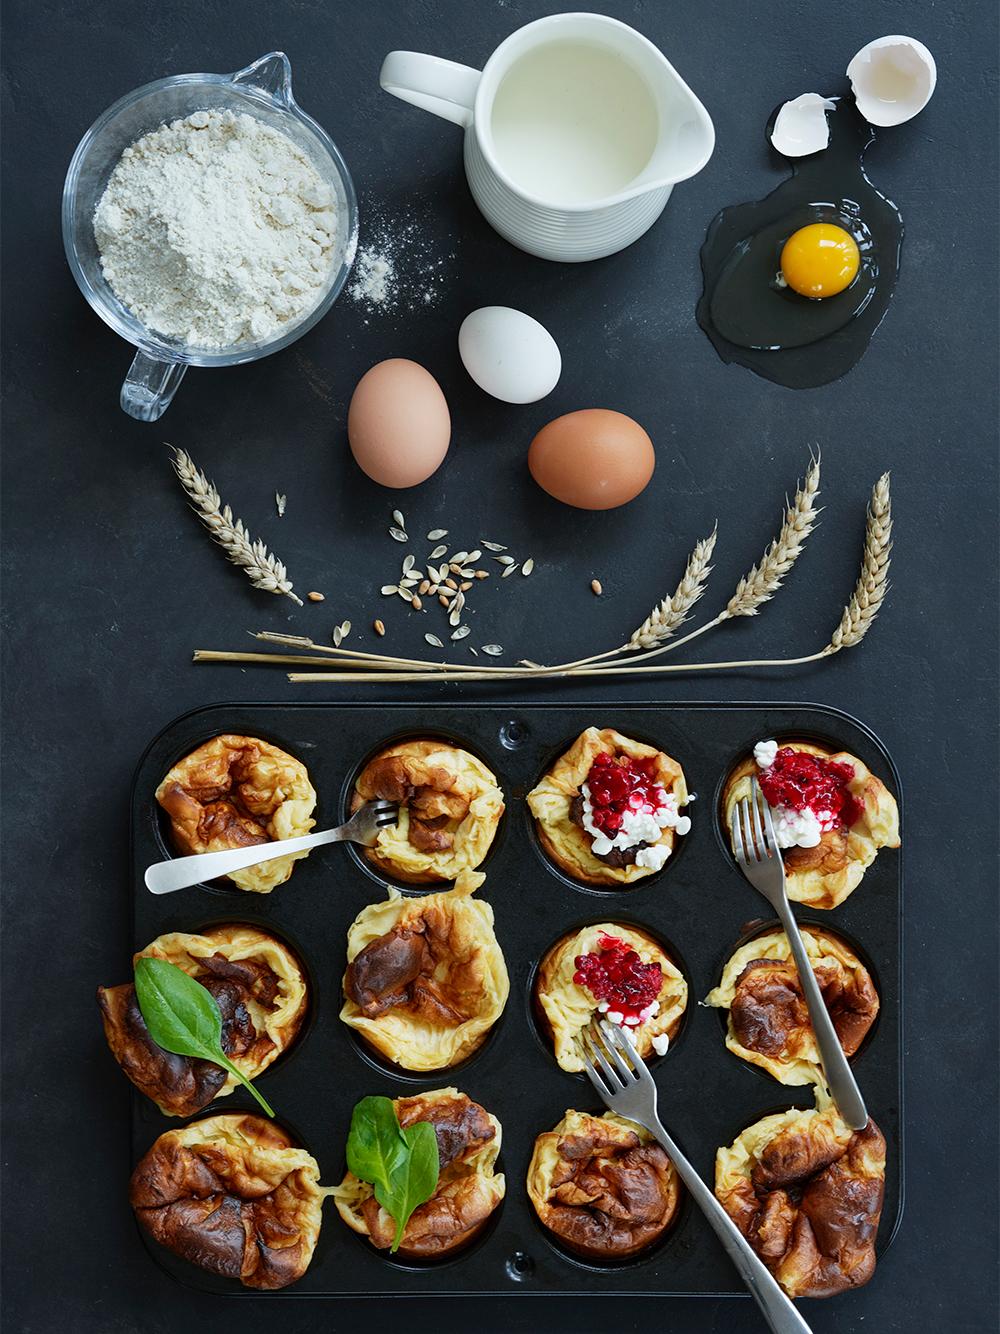 Muffinspannkakor